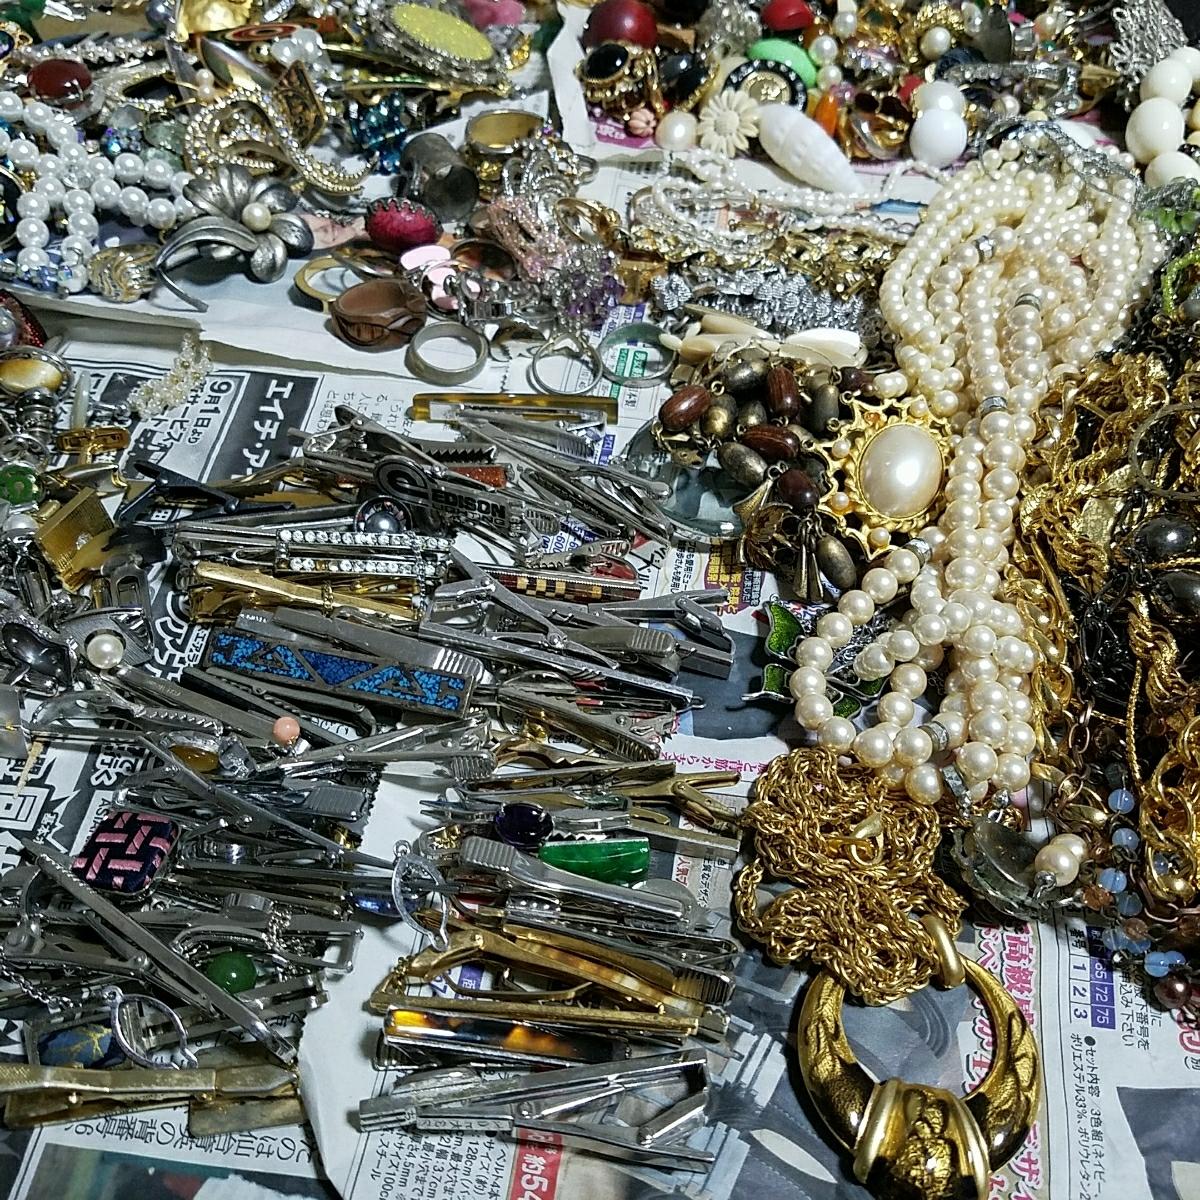 アクセサリー 大量約5キロ silver刻印 & シャネル 等各種ブランド 多数含む イミテーション 真珠 ネックレス タイピング 指輪 イヤリング_画像3